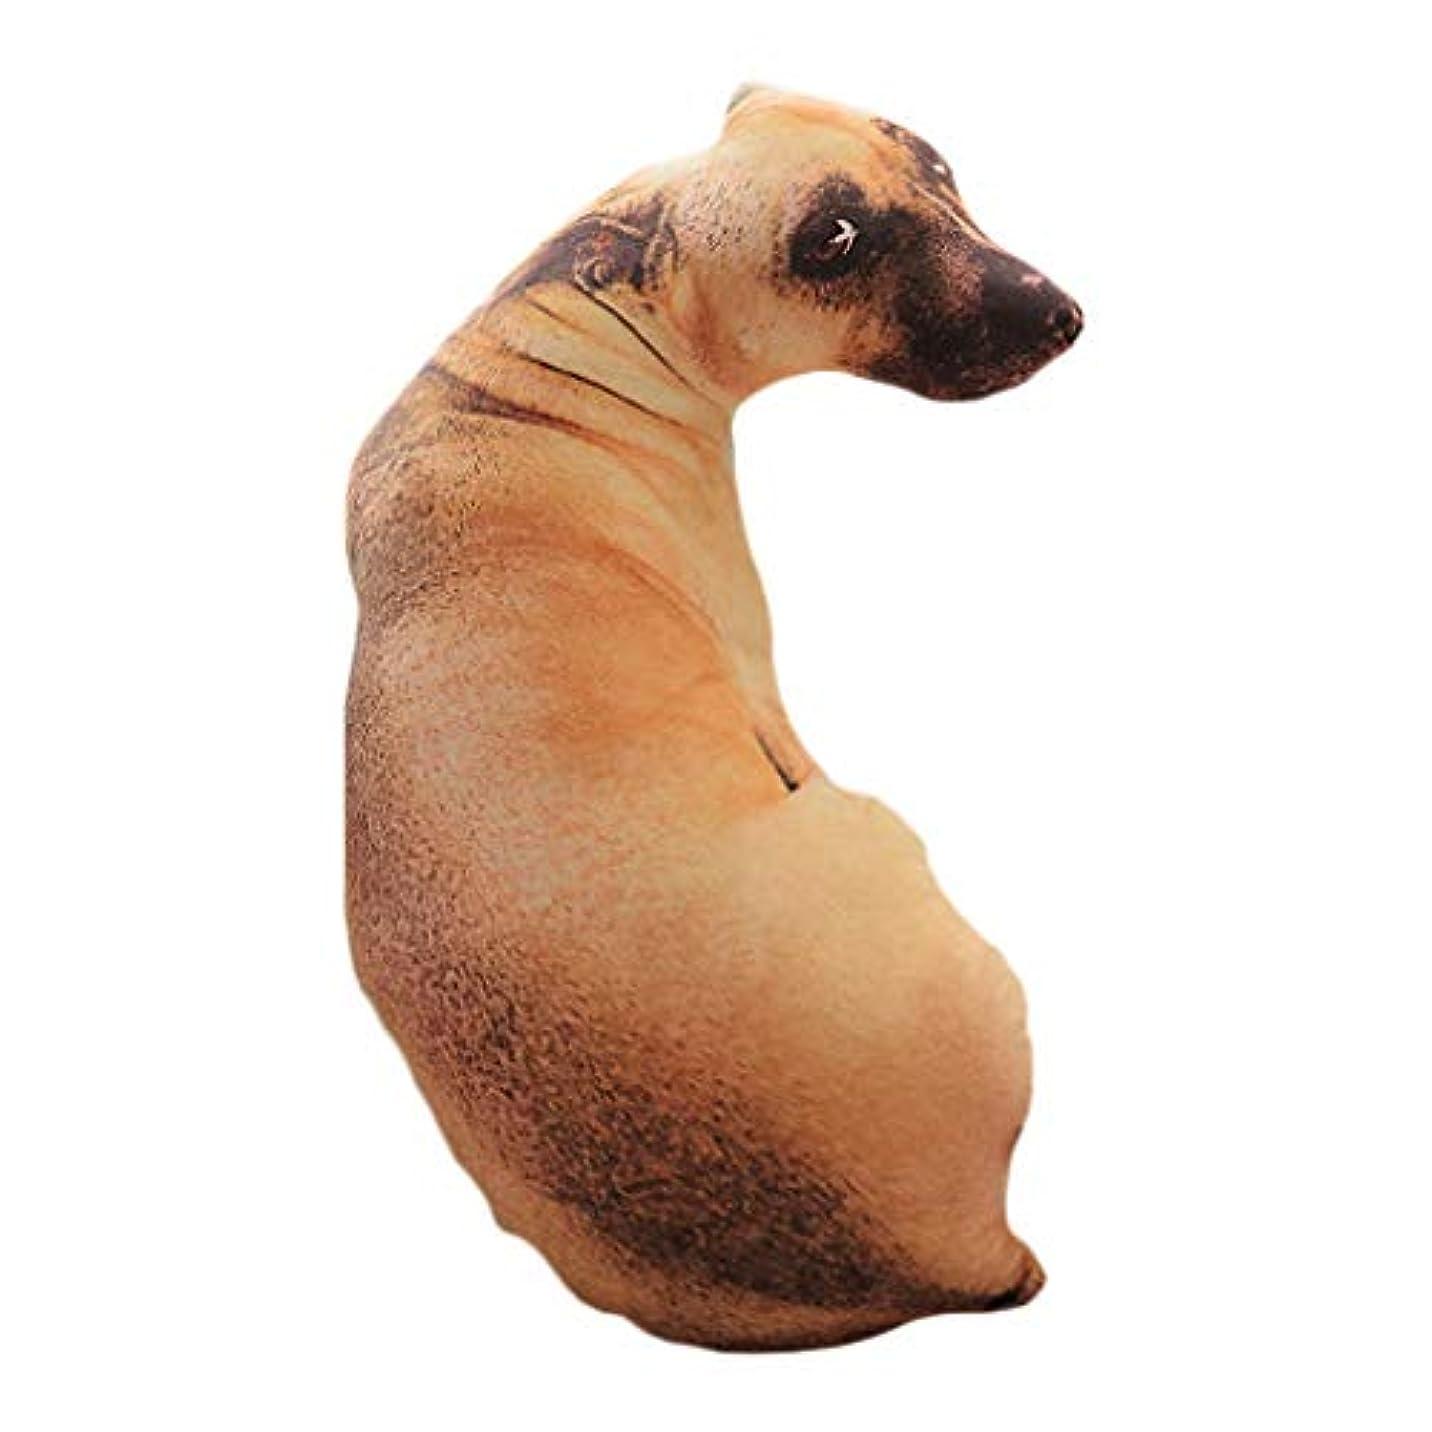 立ち向かう復活する万歳LIFE 装飾クッションソファおかしい 3D 犬印刷スロー枕創造クッションかわいいぬいぐるみギフト家の装飾 coussin decoratif クッション 椅子